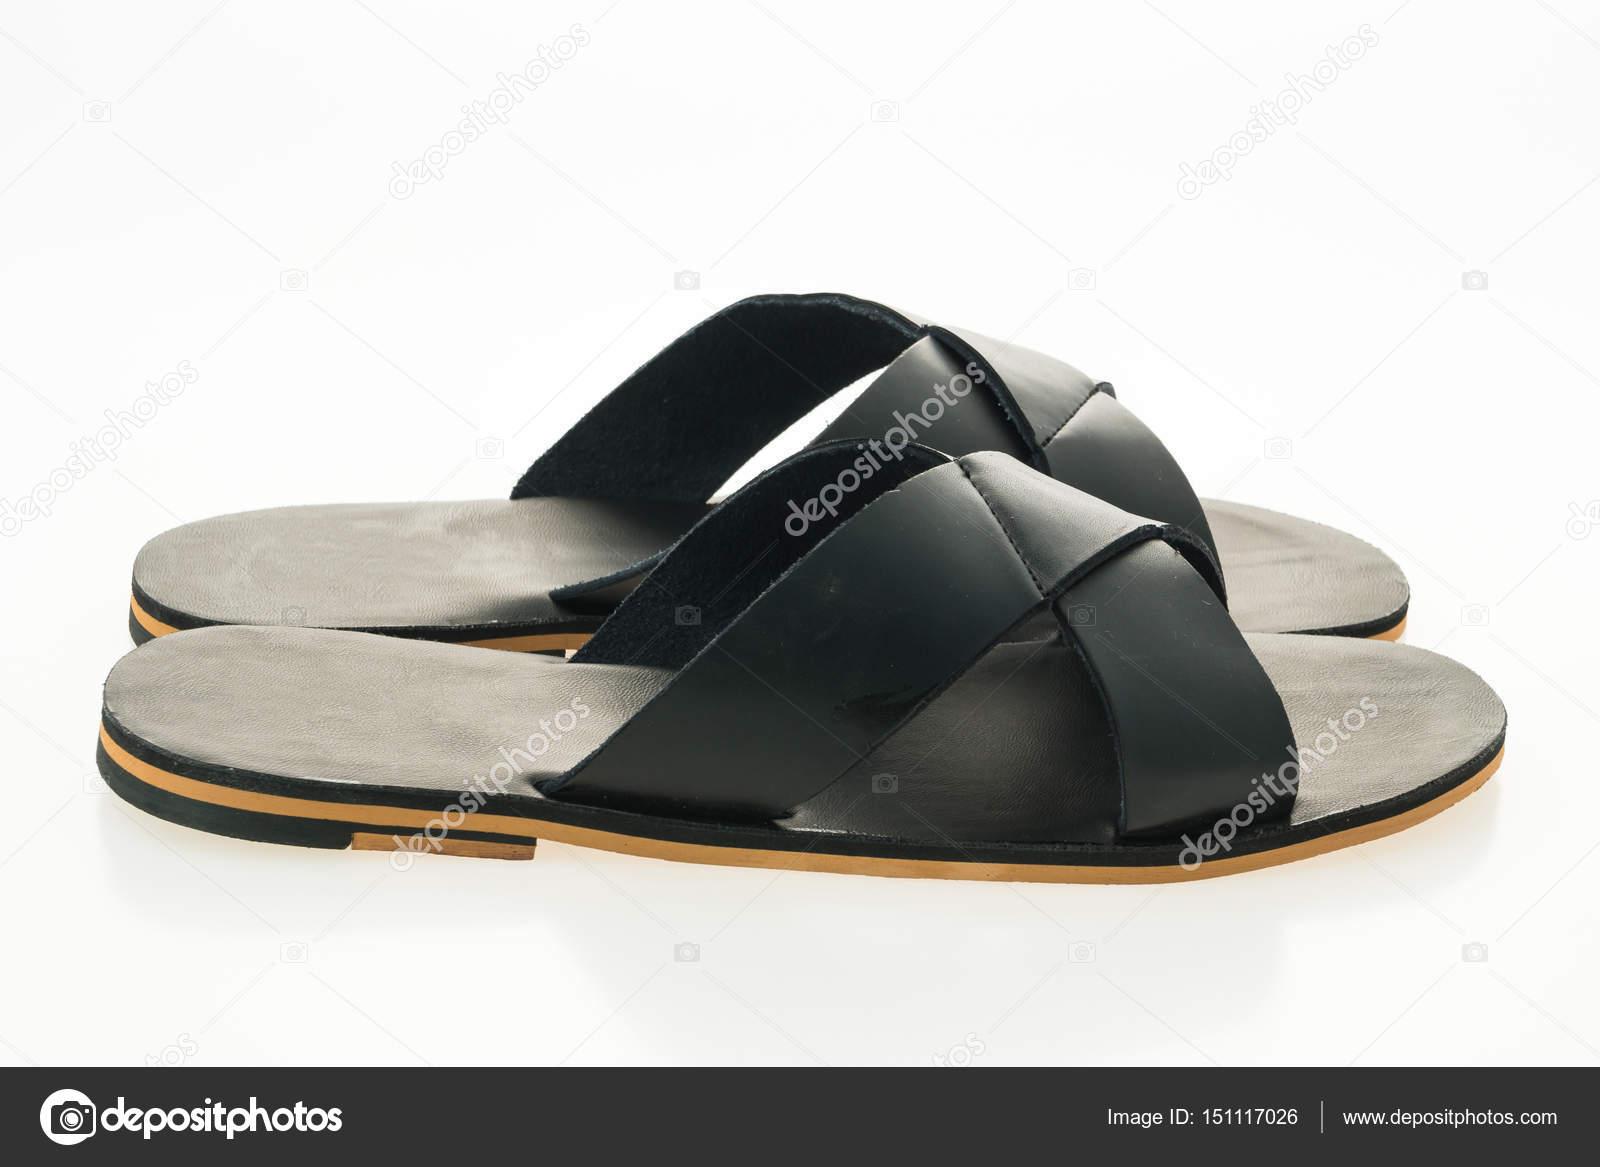 cbdca06c7a3dfa Herren Leder Sandalen und flip flop Schuhe isoliert auf weißem Hintergrund  — Foto von mrsiraphol